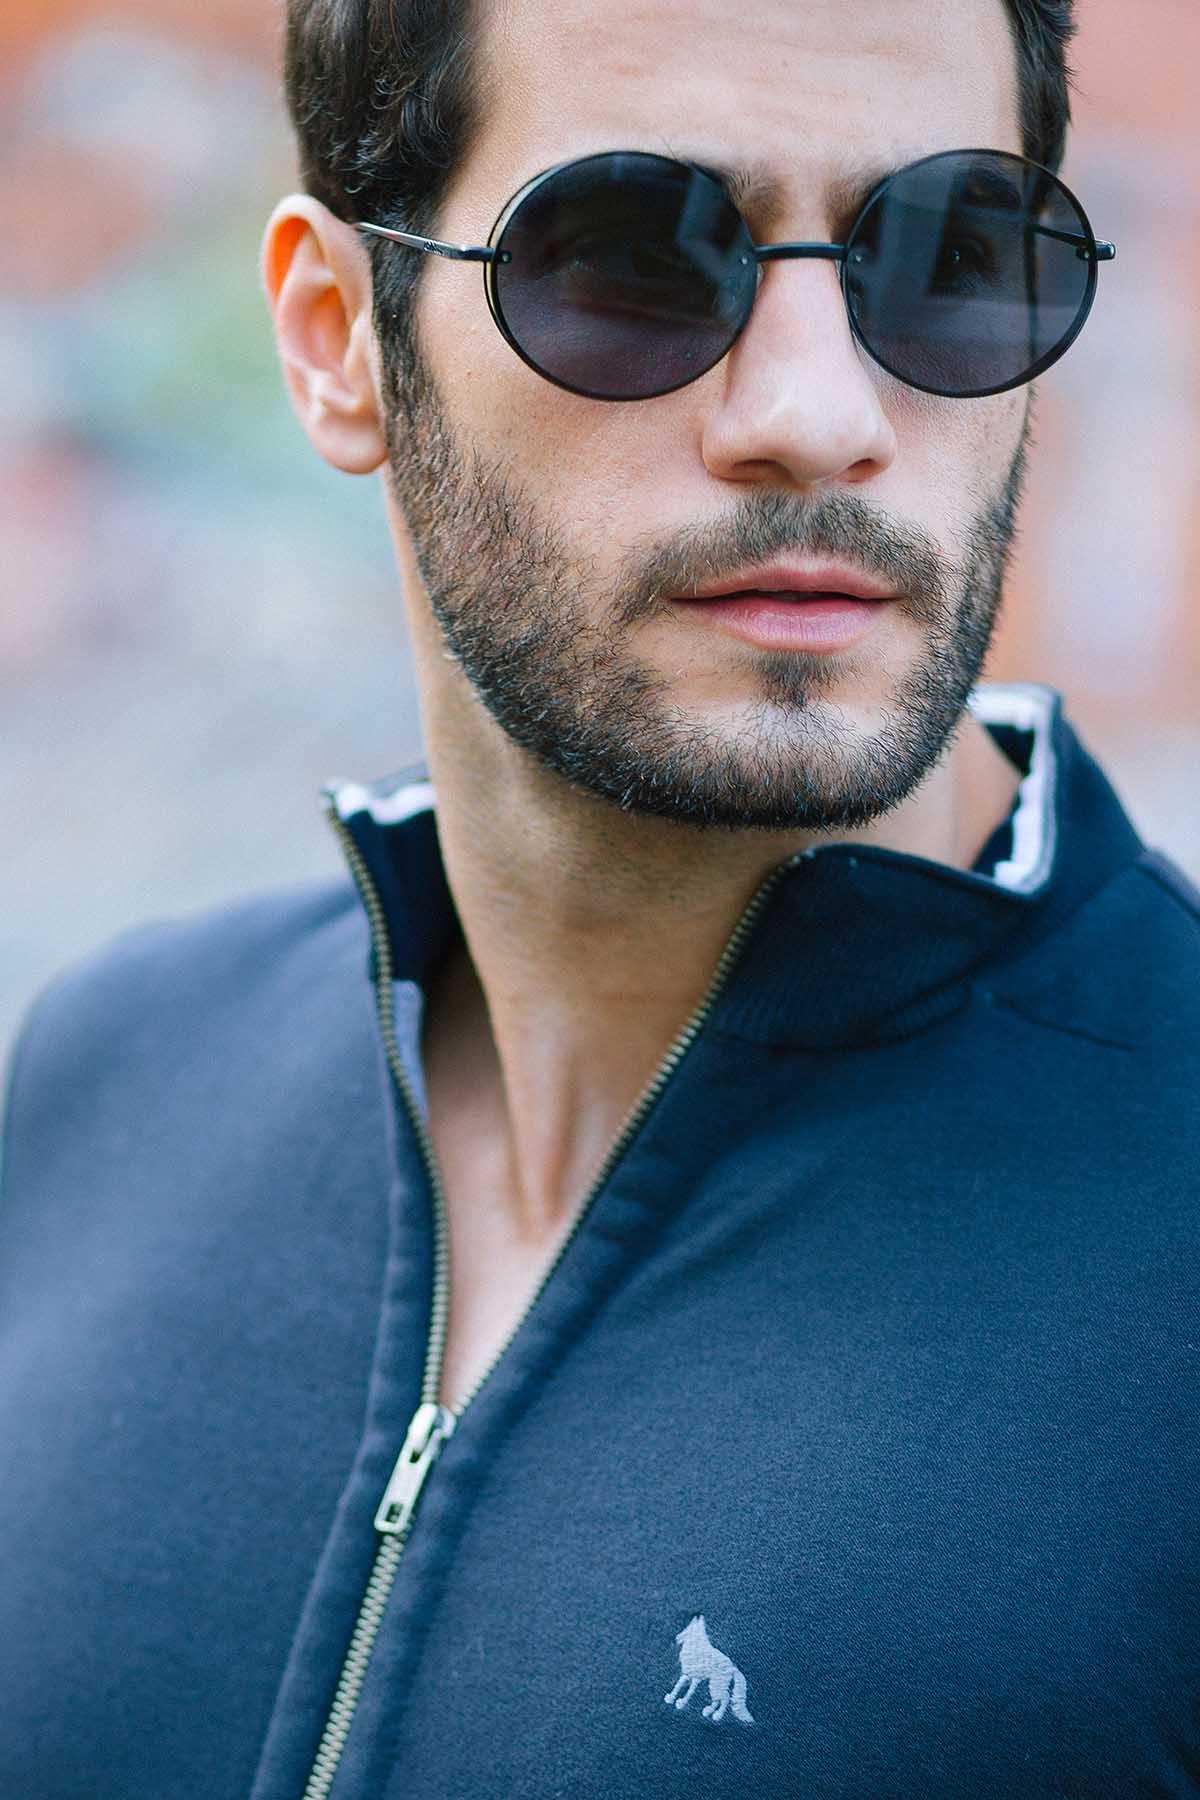 Luciano Stranghetti by Danilo Friedl for Brazilian Male Model